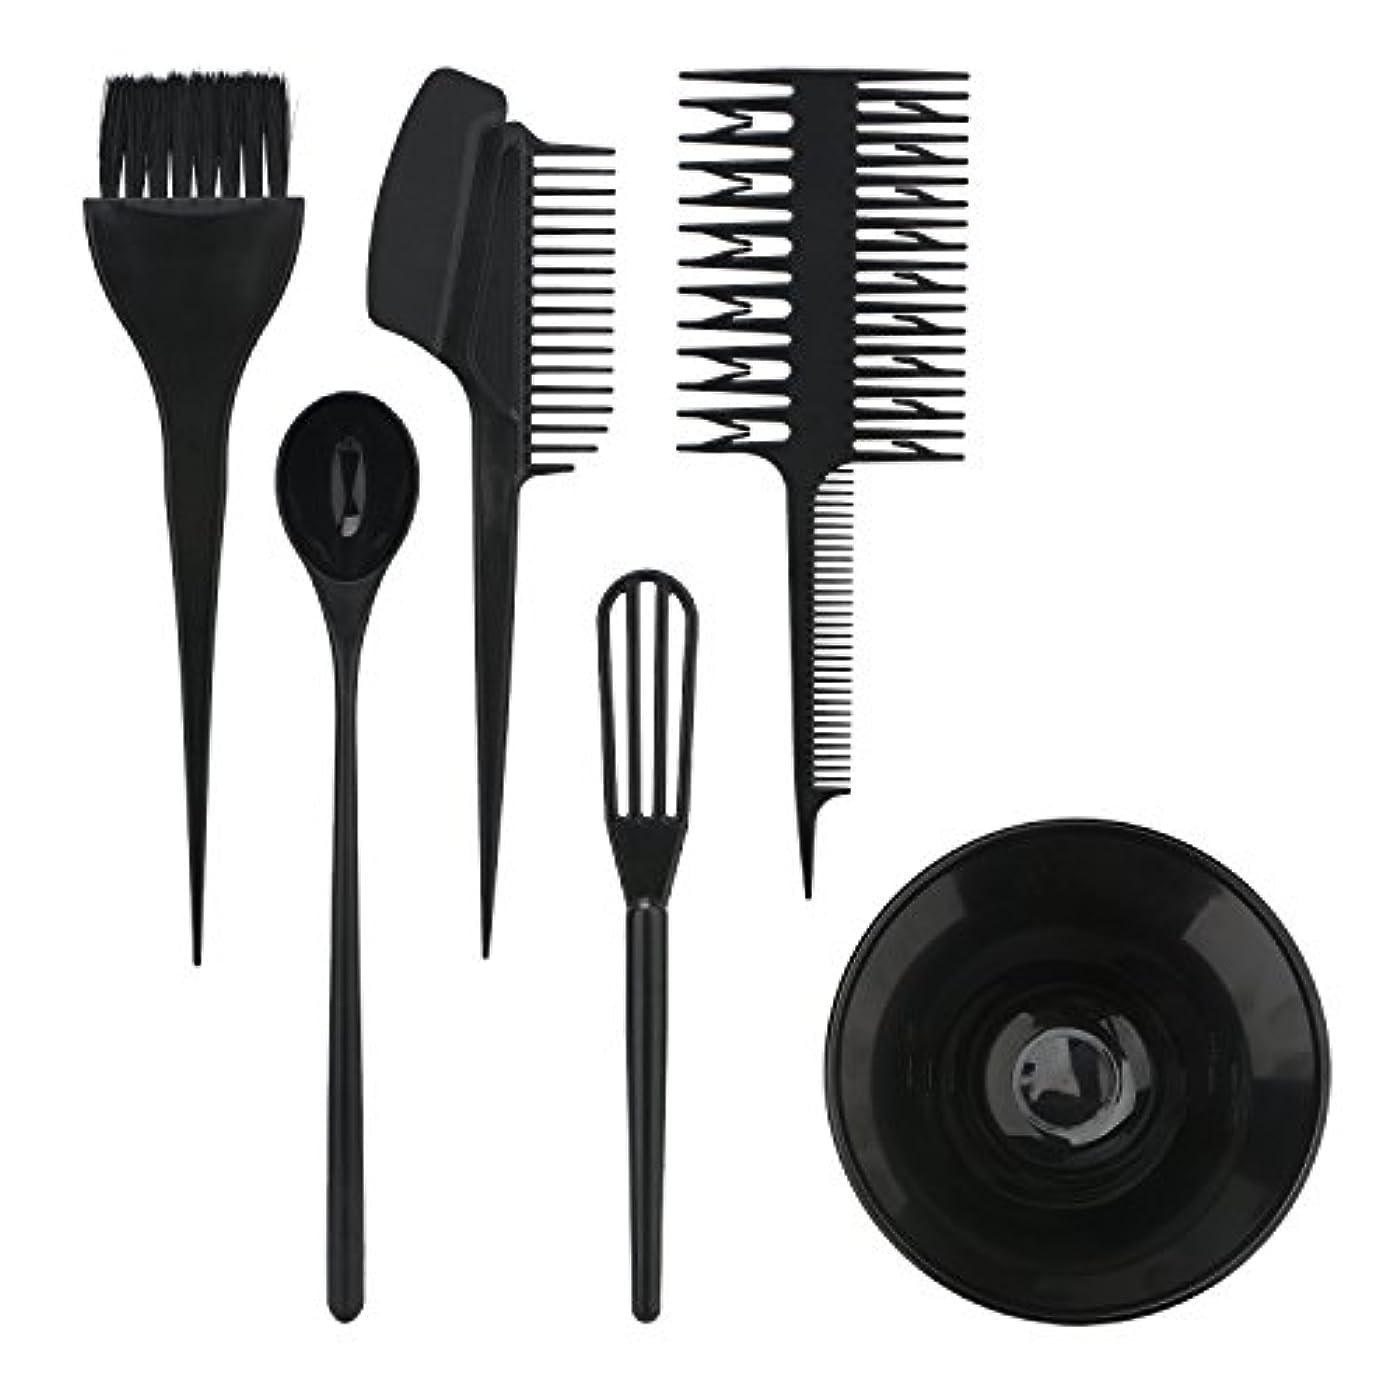 より多い簡潔なカンガルーSegbeauty ヘアカラー用のセット ブラシとボウルの組み合わせ 6pcs DIY髪染め用 サロン 美髪師用 ヘアカラーの用具